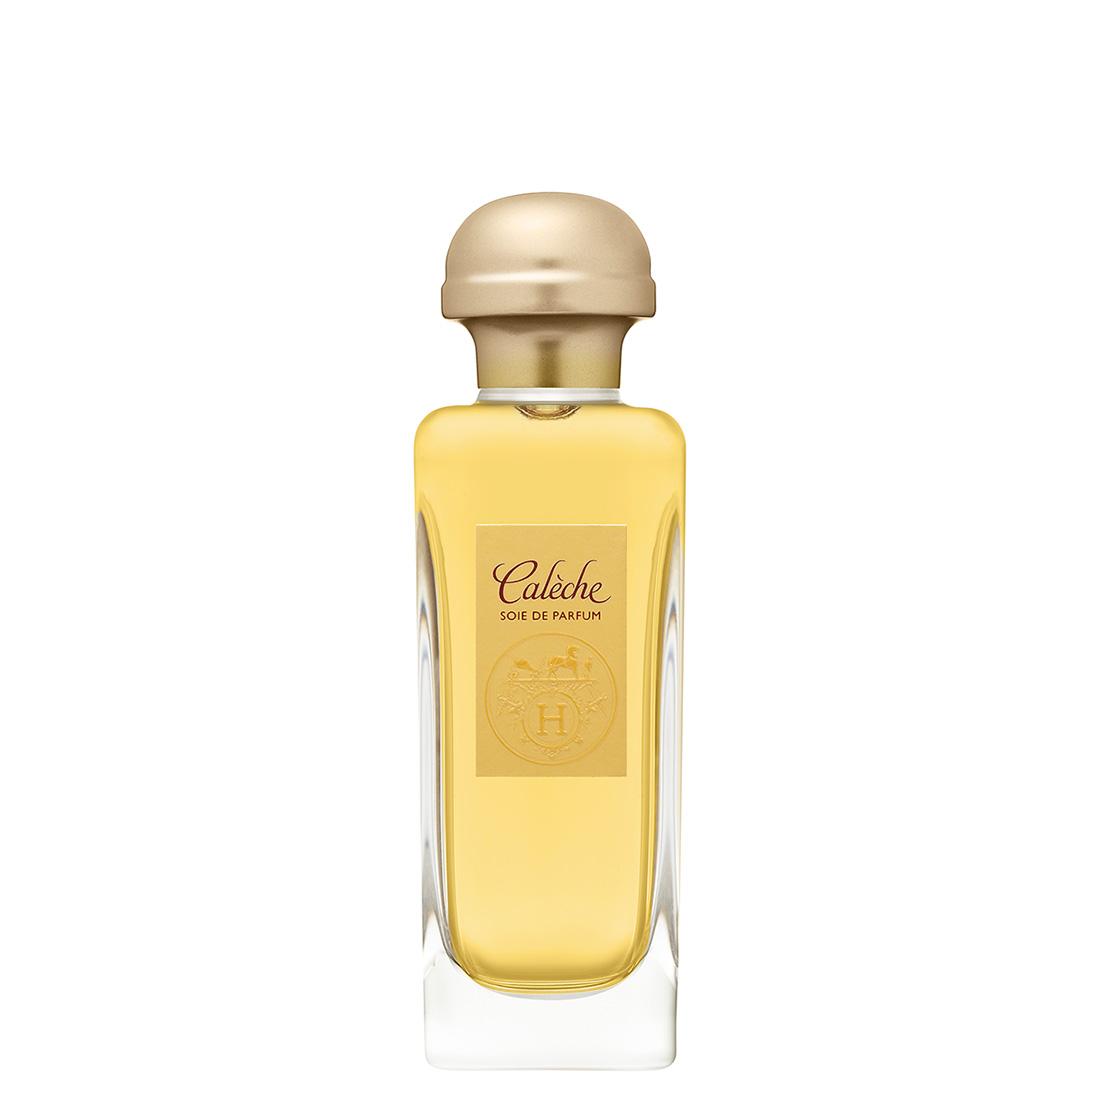 Hermès - Calèche - Soie de Parfum